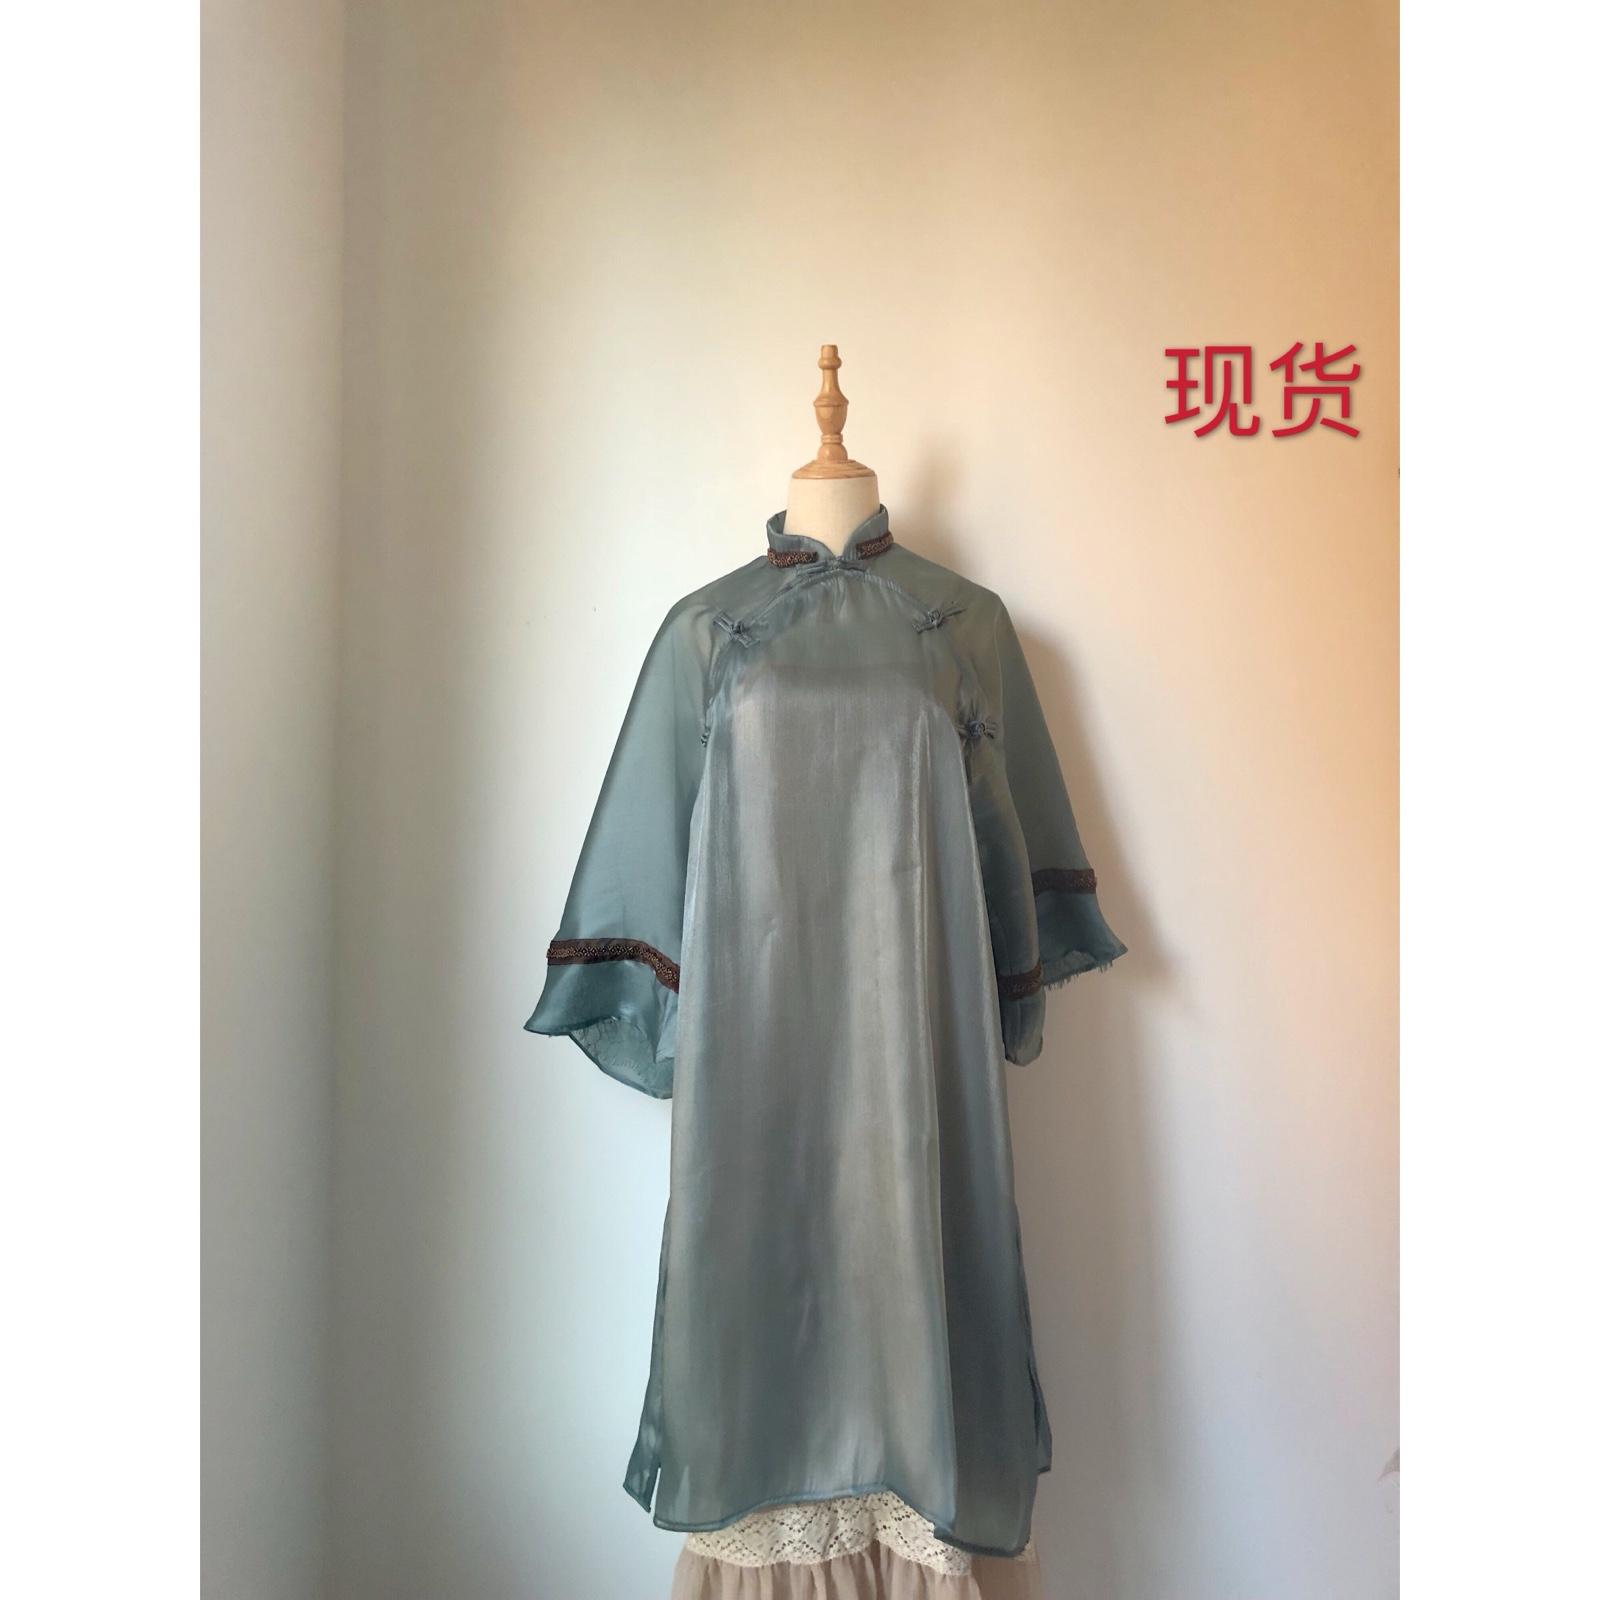 《绿水生凉》松石绿汉服中国风改良版旗袍式连衣裙